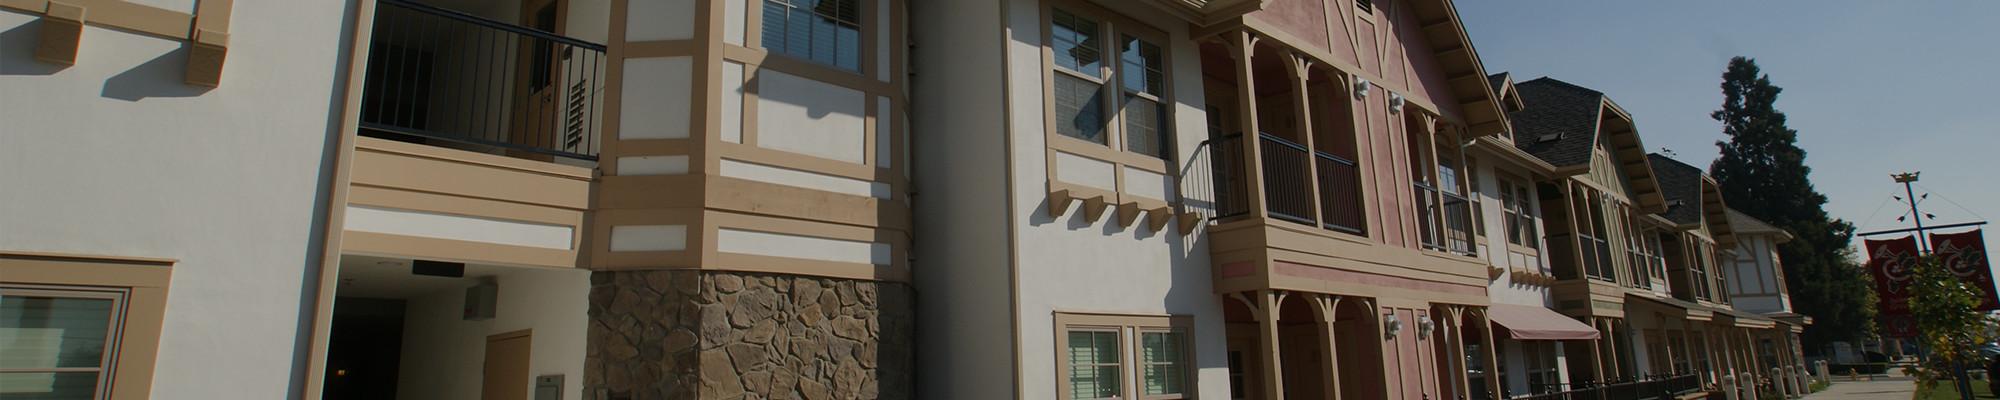 R.L. Davidson Architects   Marion Villas